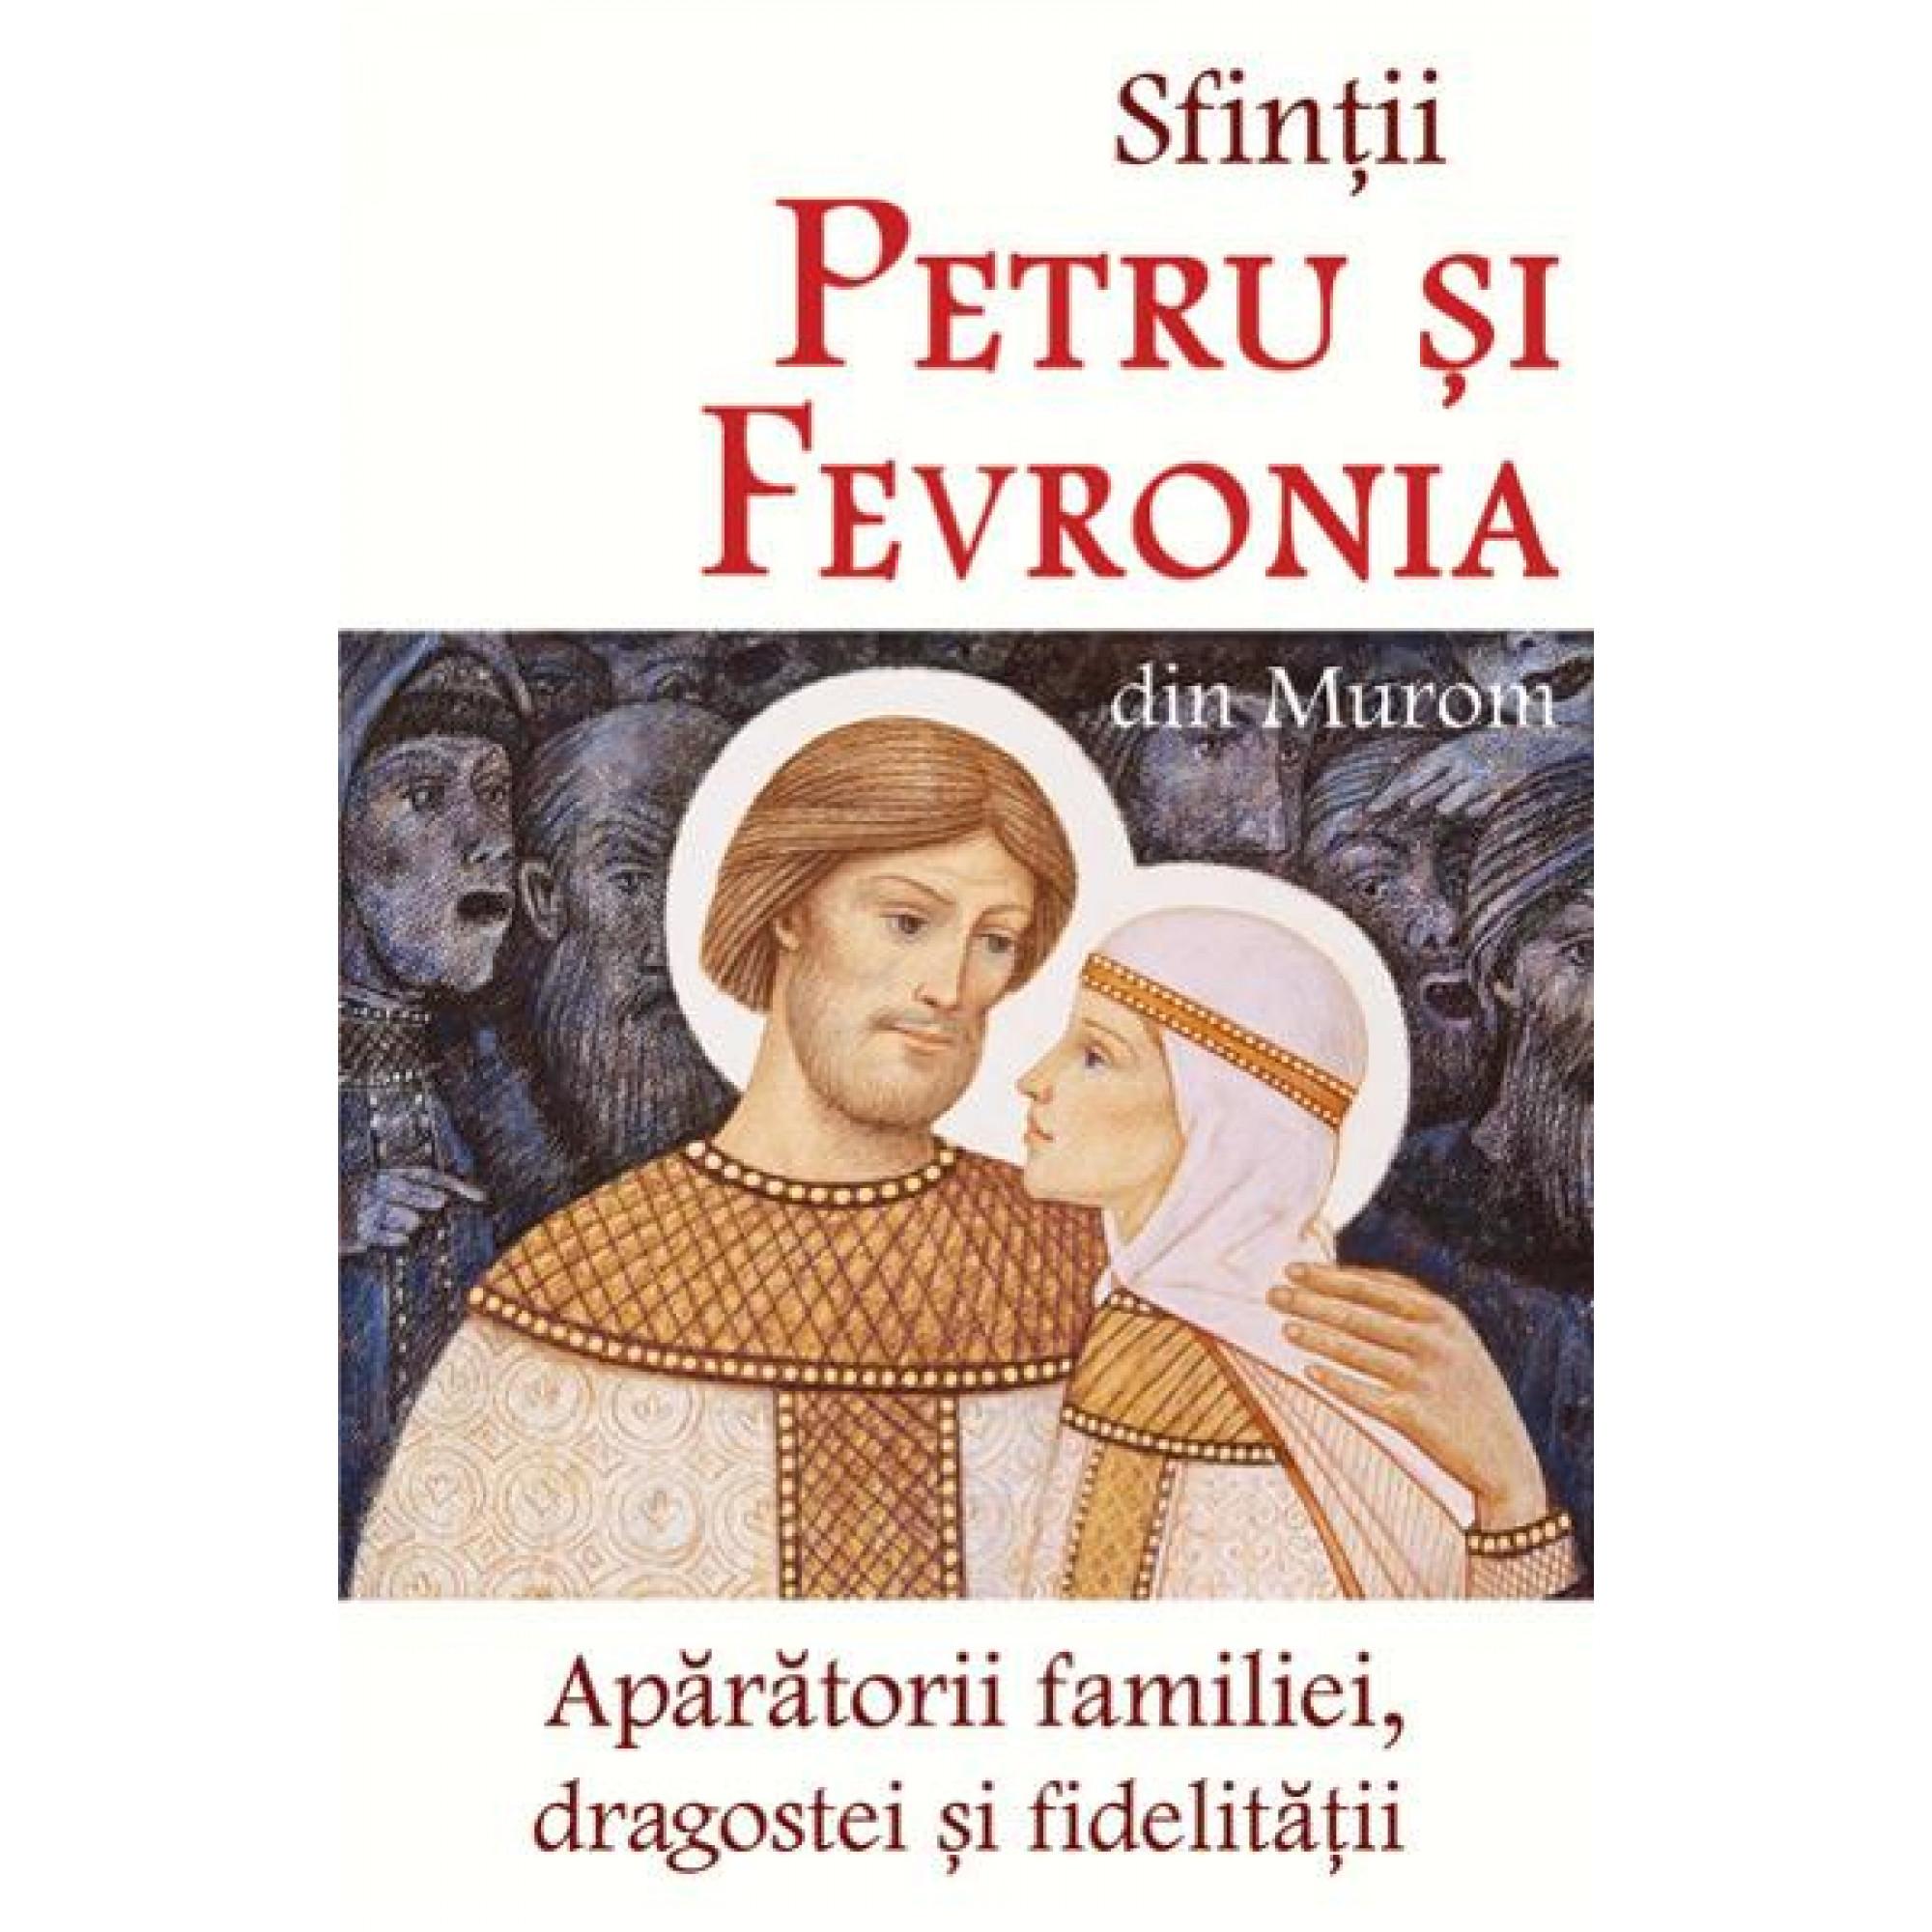 Sfinții Petru și Fevronia din Murom, apărătorii familiei, dragostei și fidelității